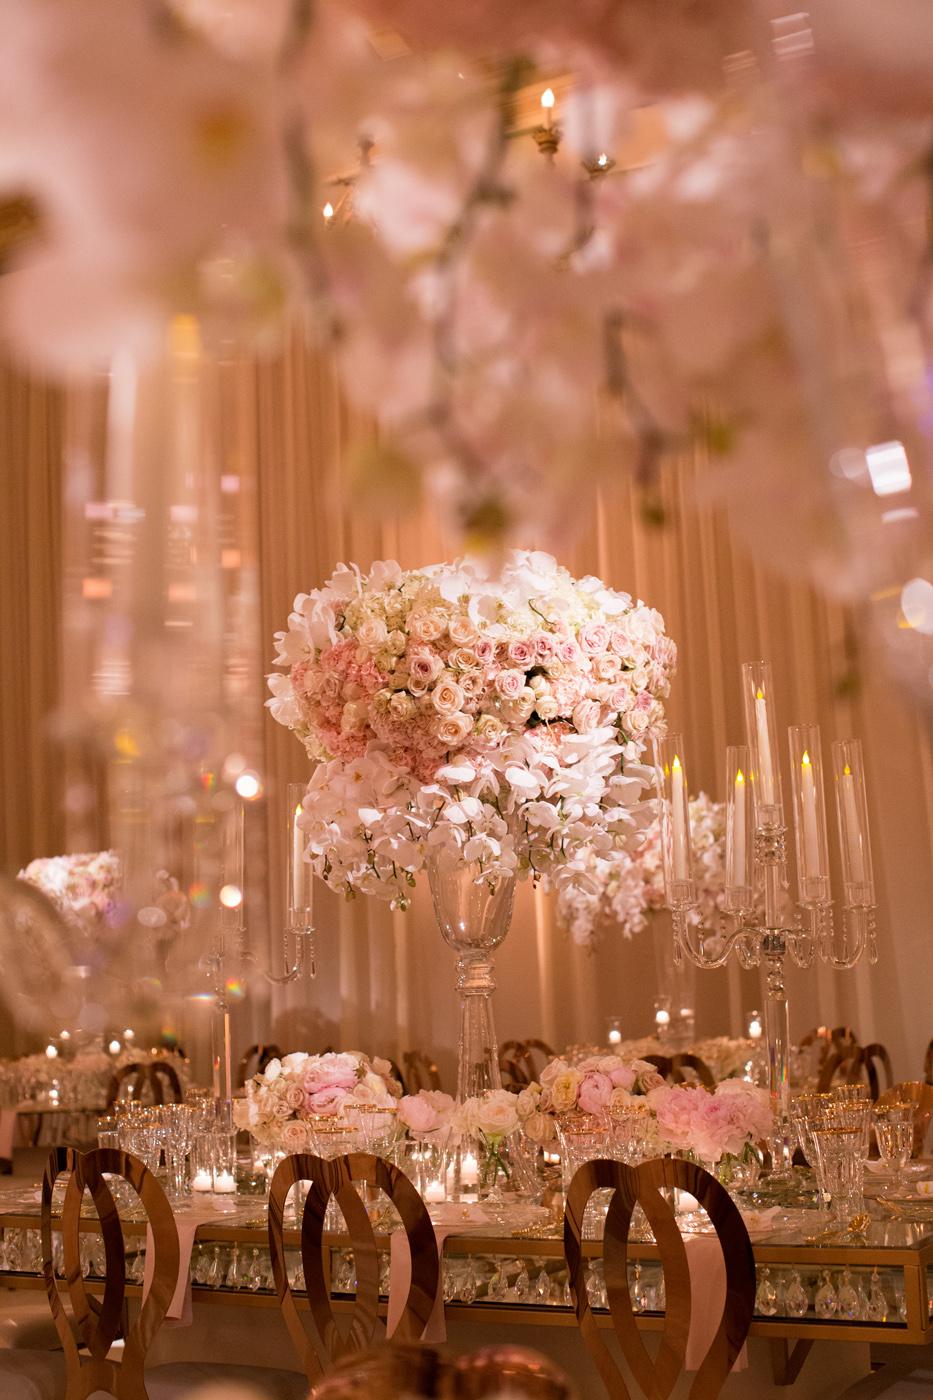 084_DukePhotography_DukeImages_Wedding_Details.jpg